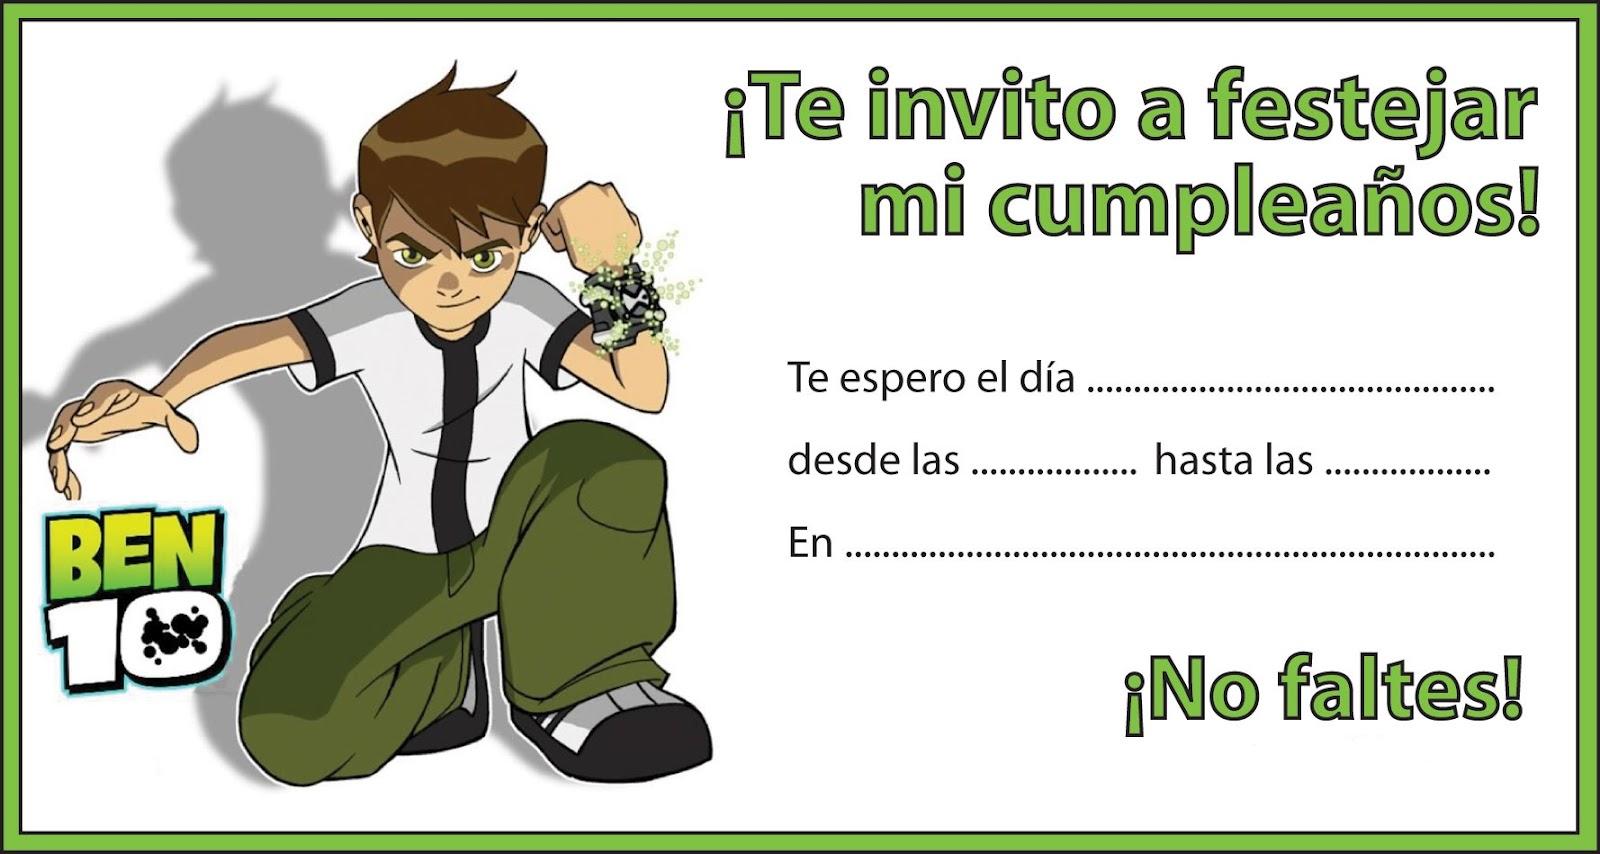 Tarjetas de invitación de ben 10 para imprimir gratis - Imagui